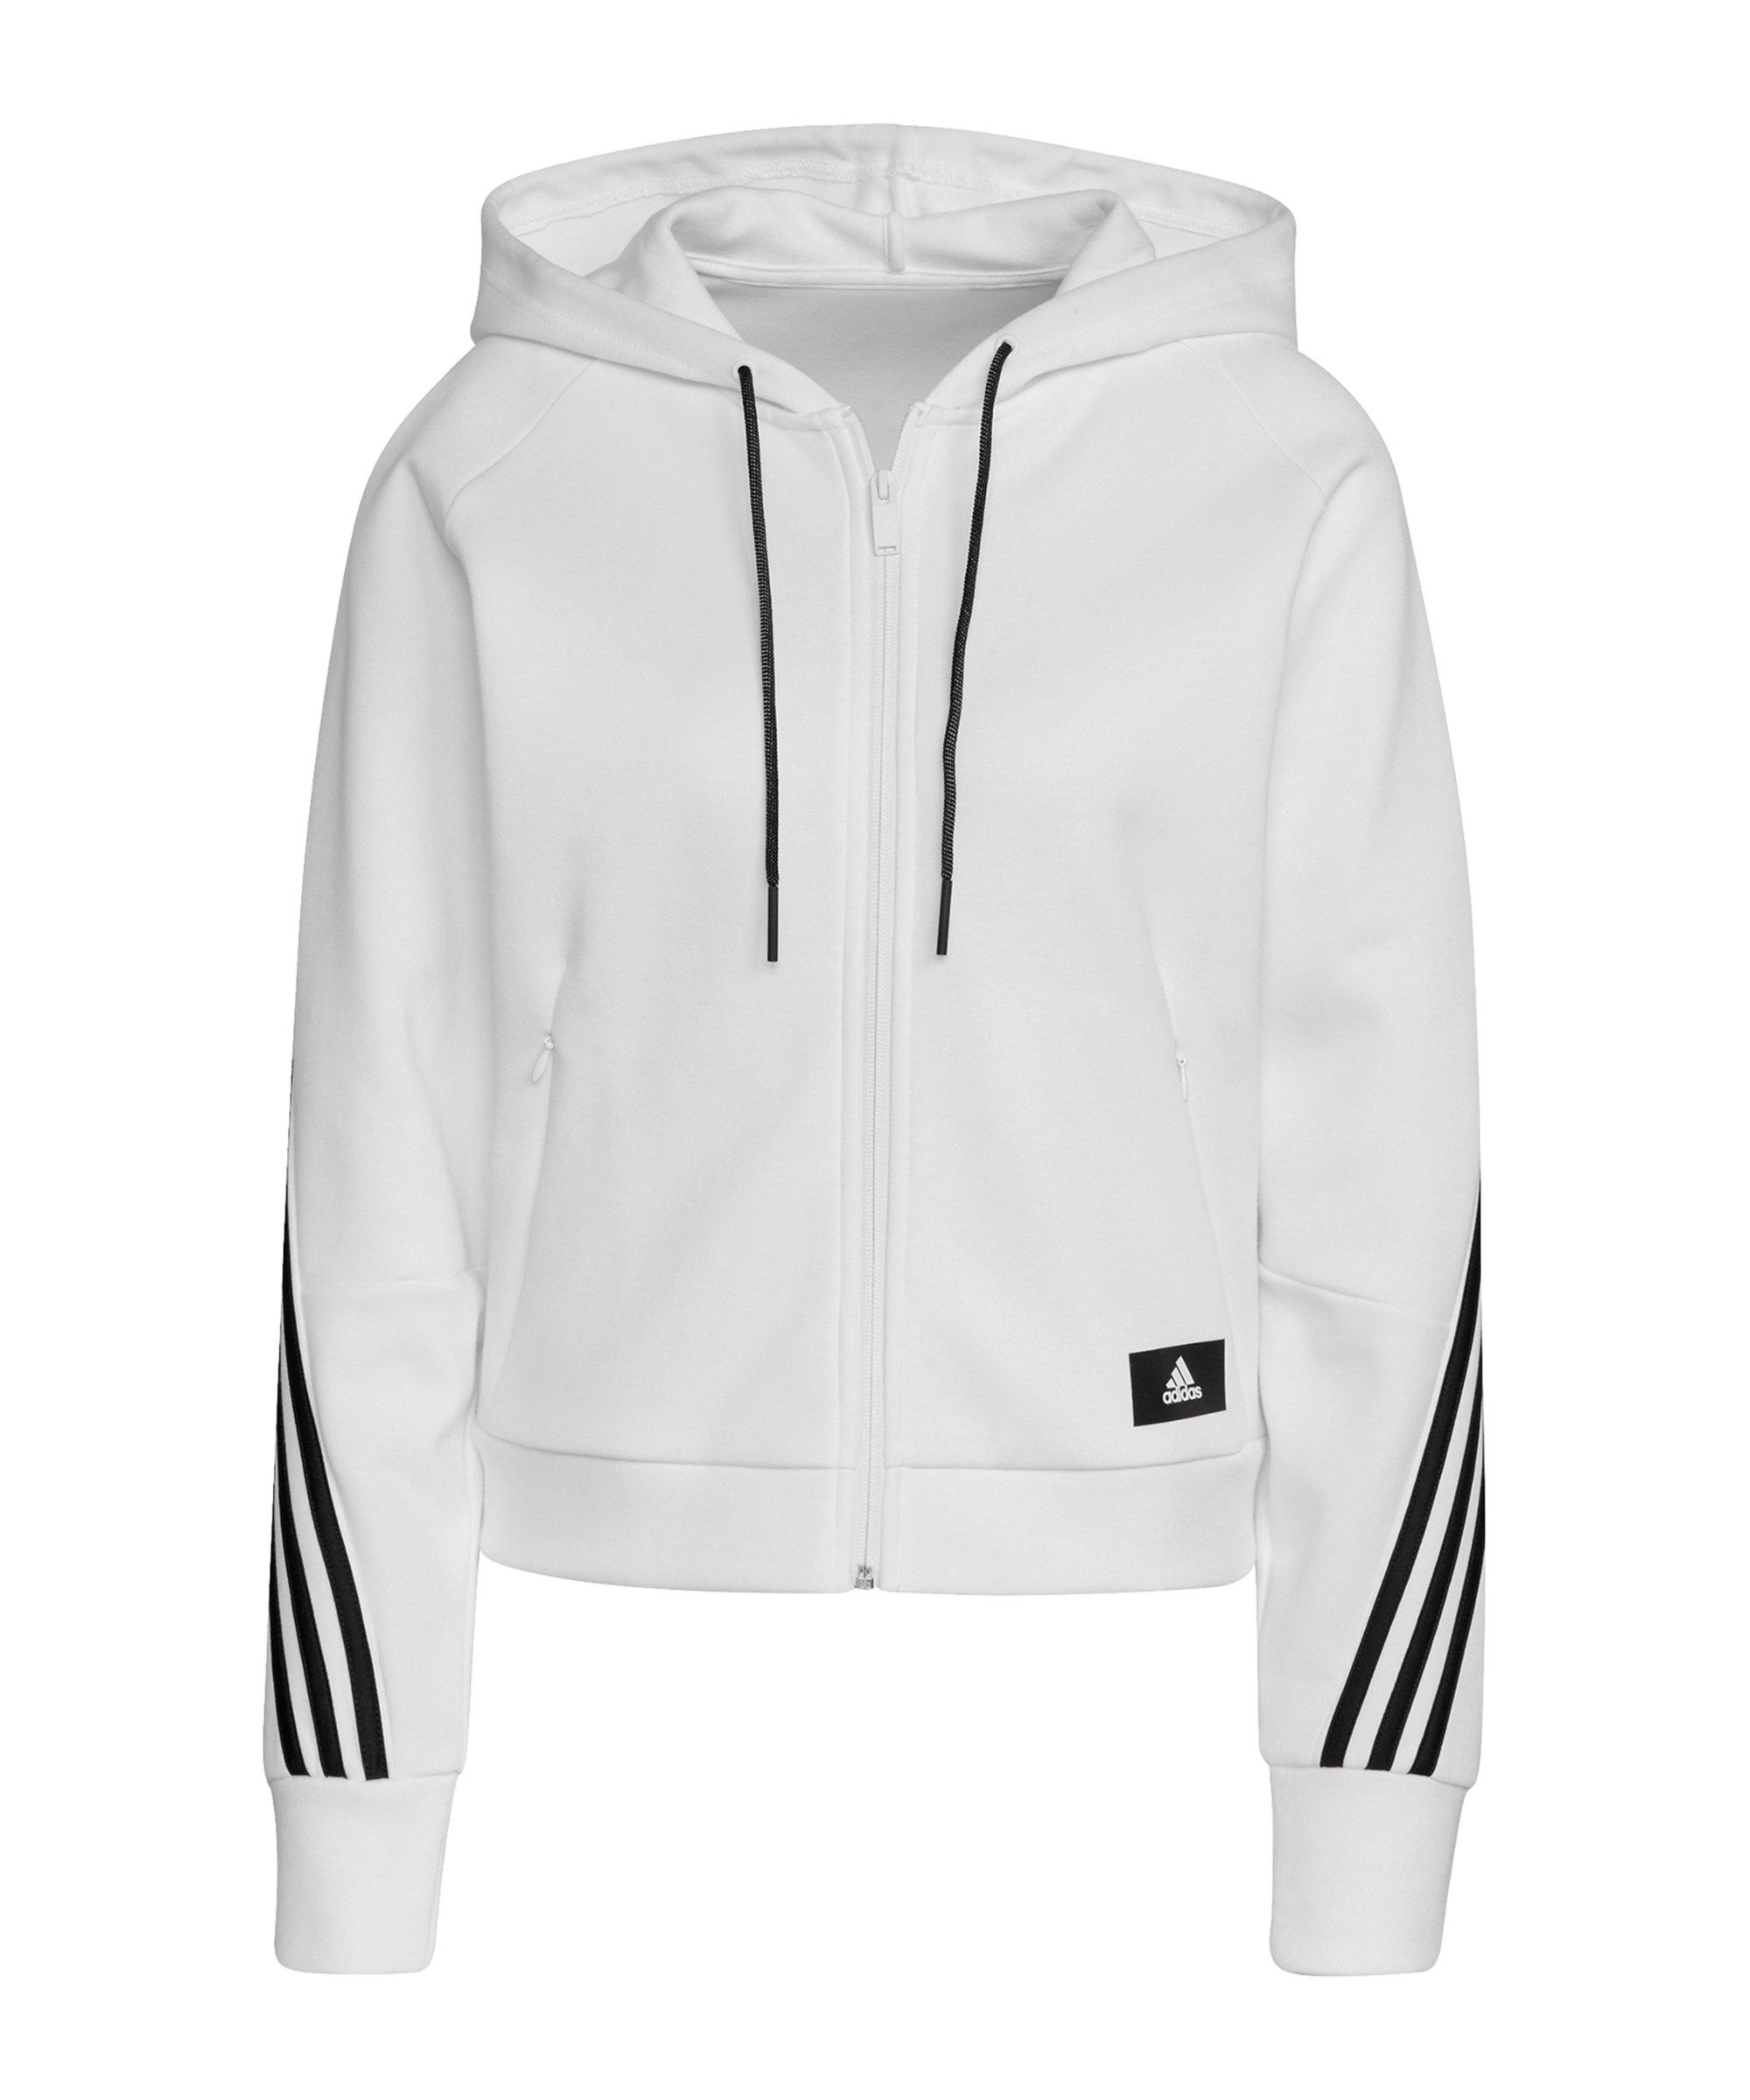 adidas Branded Icons 3 Stripes Kapuzenjacke Damen - weiss